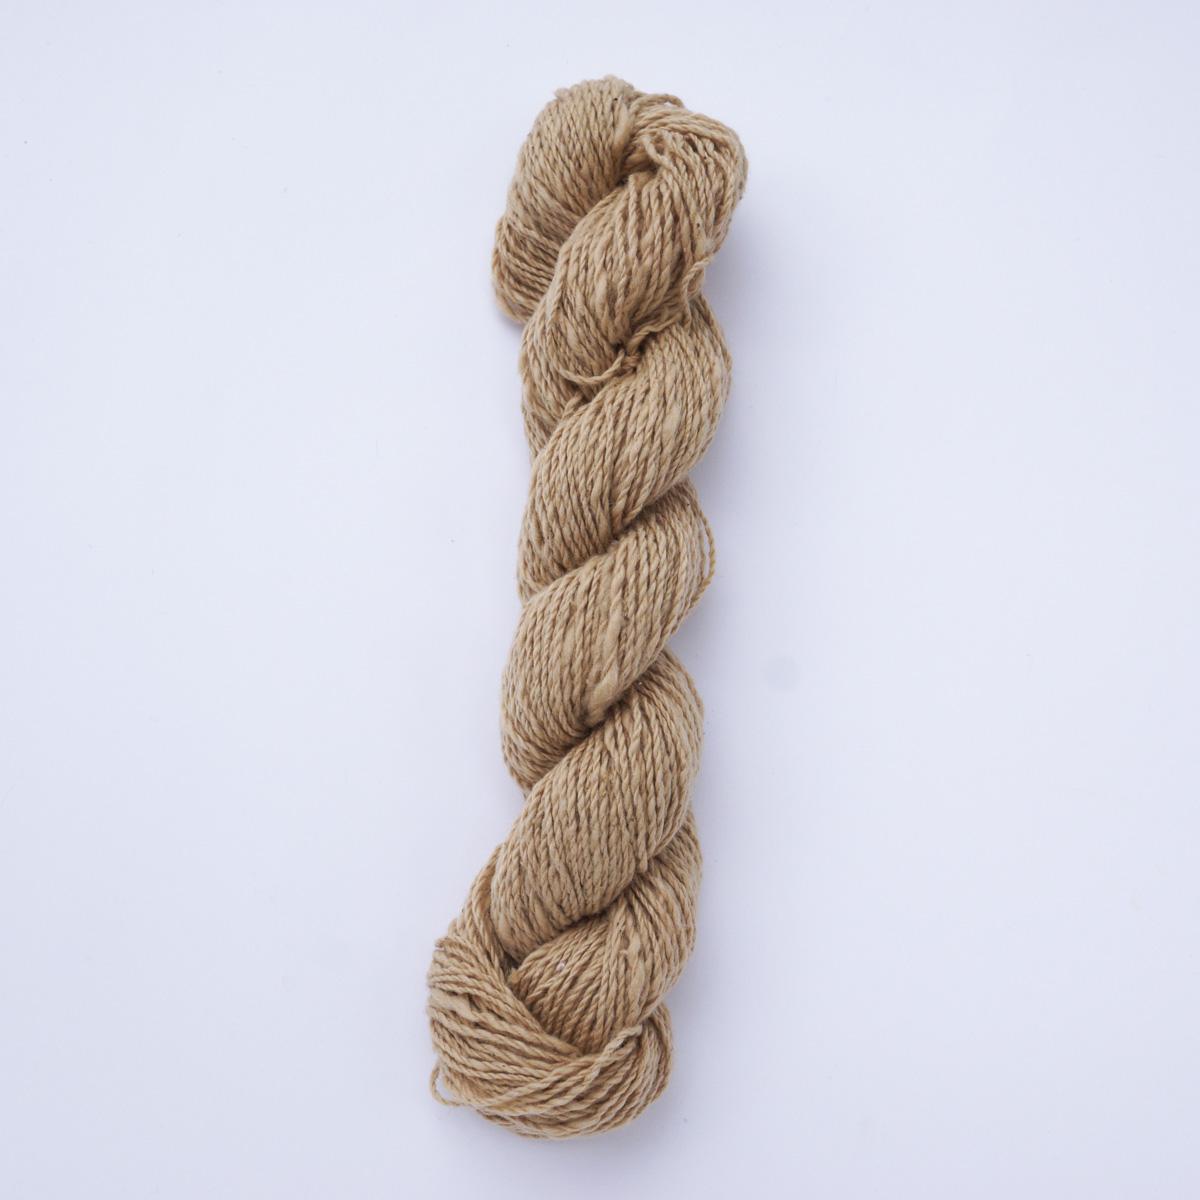 ガラ紡糸|317/2番手糸 茶綿 20g